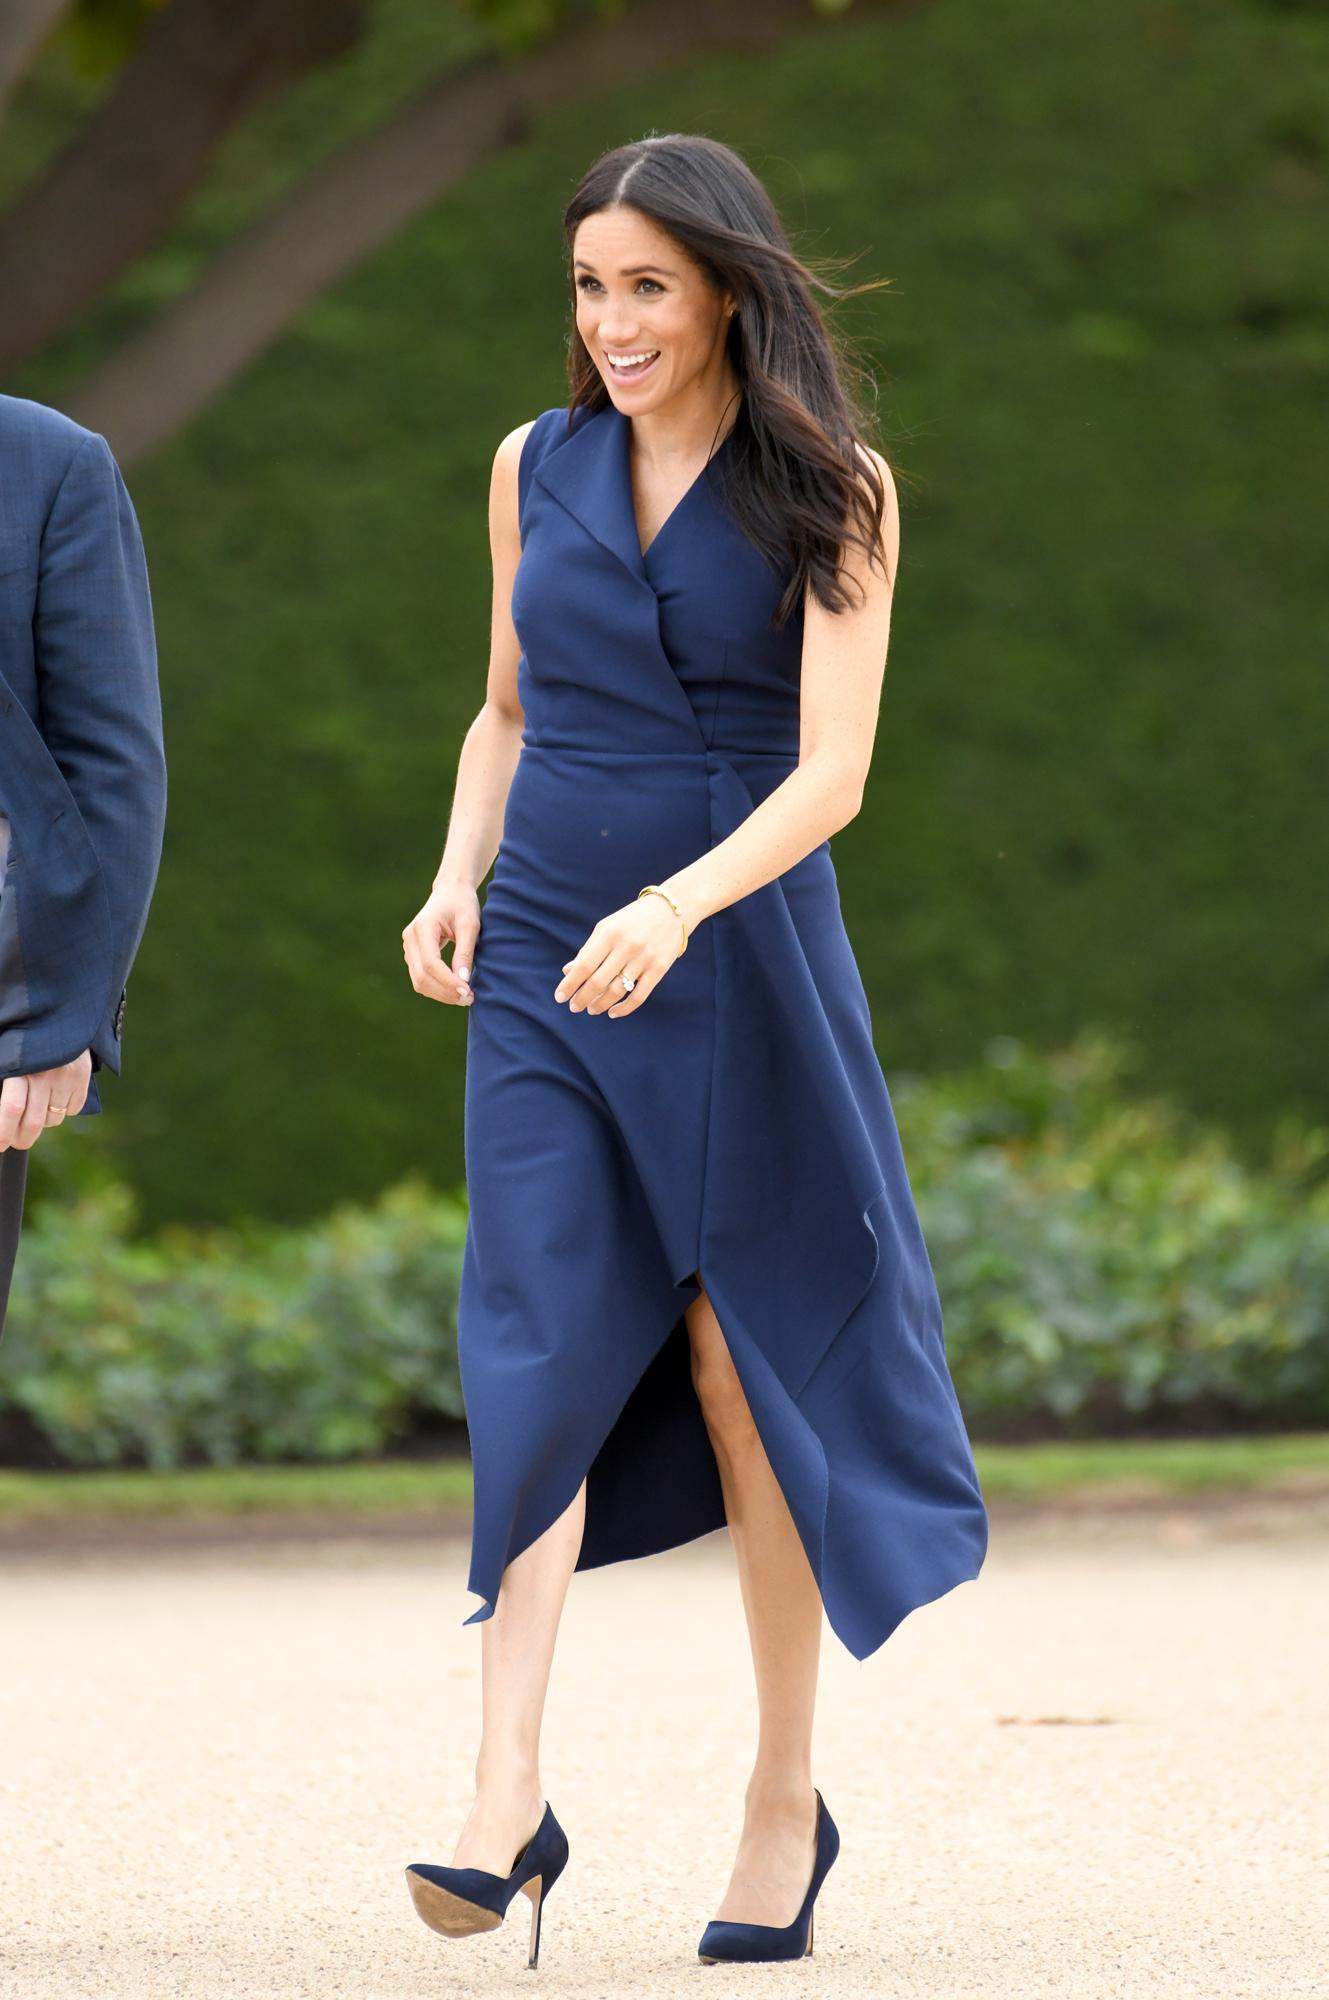 Meghan Markle En Robe Bleu Nuit Les Plus Beaux Looks De Meghan Markle Elle